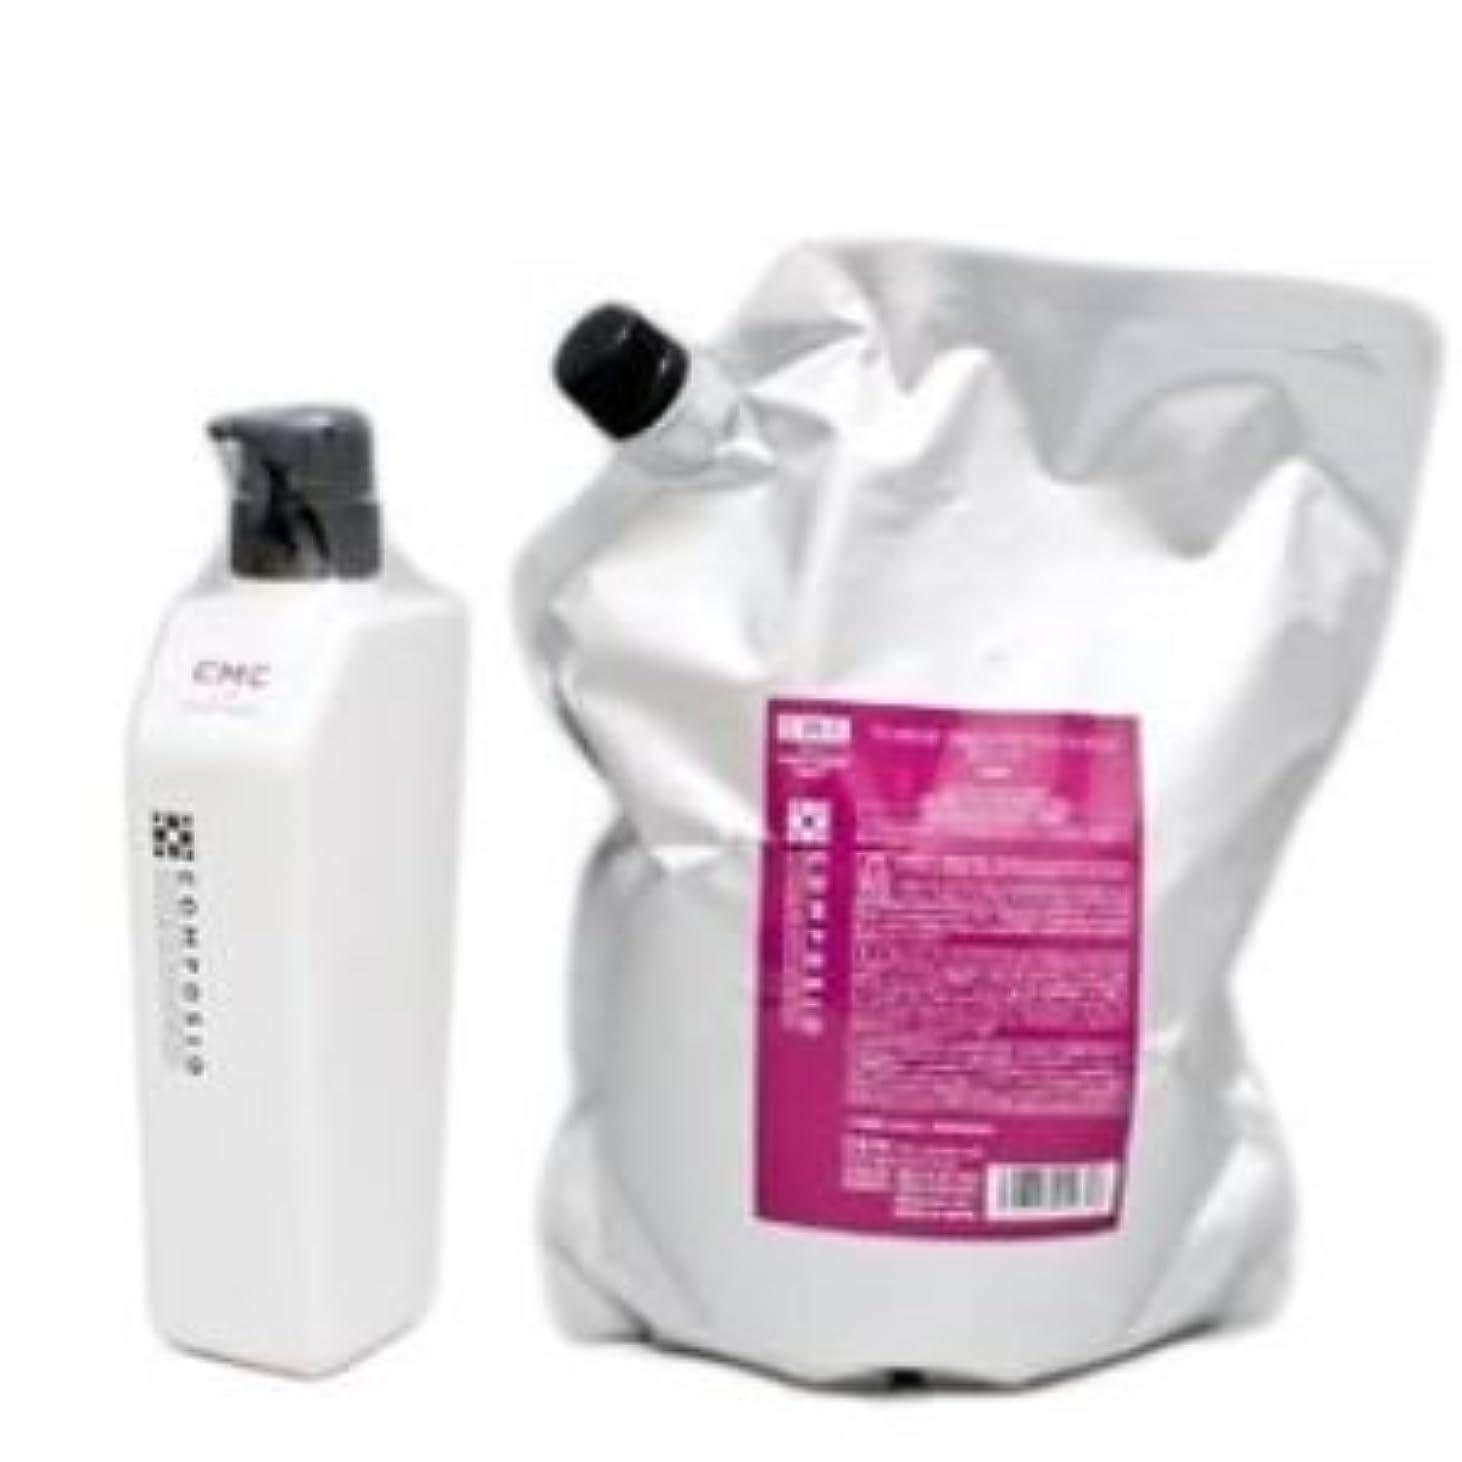 質量ショットランチデミ コンポジオ CMCリペアトリートメント ボトル550g & 2000g 業務用詰替え付きセット